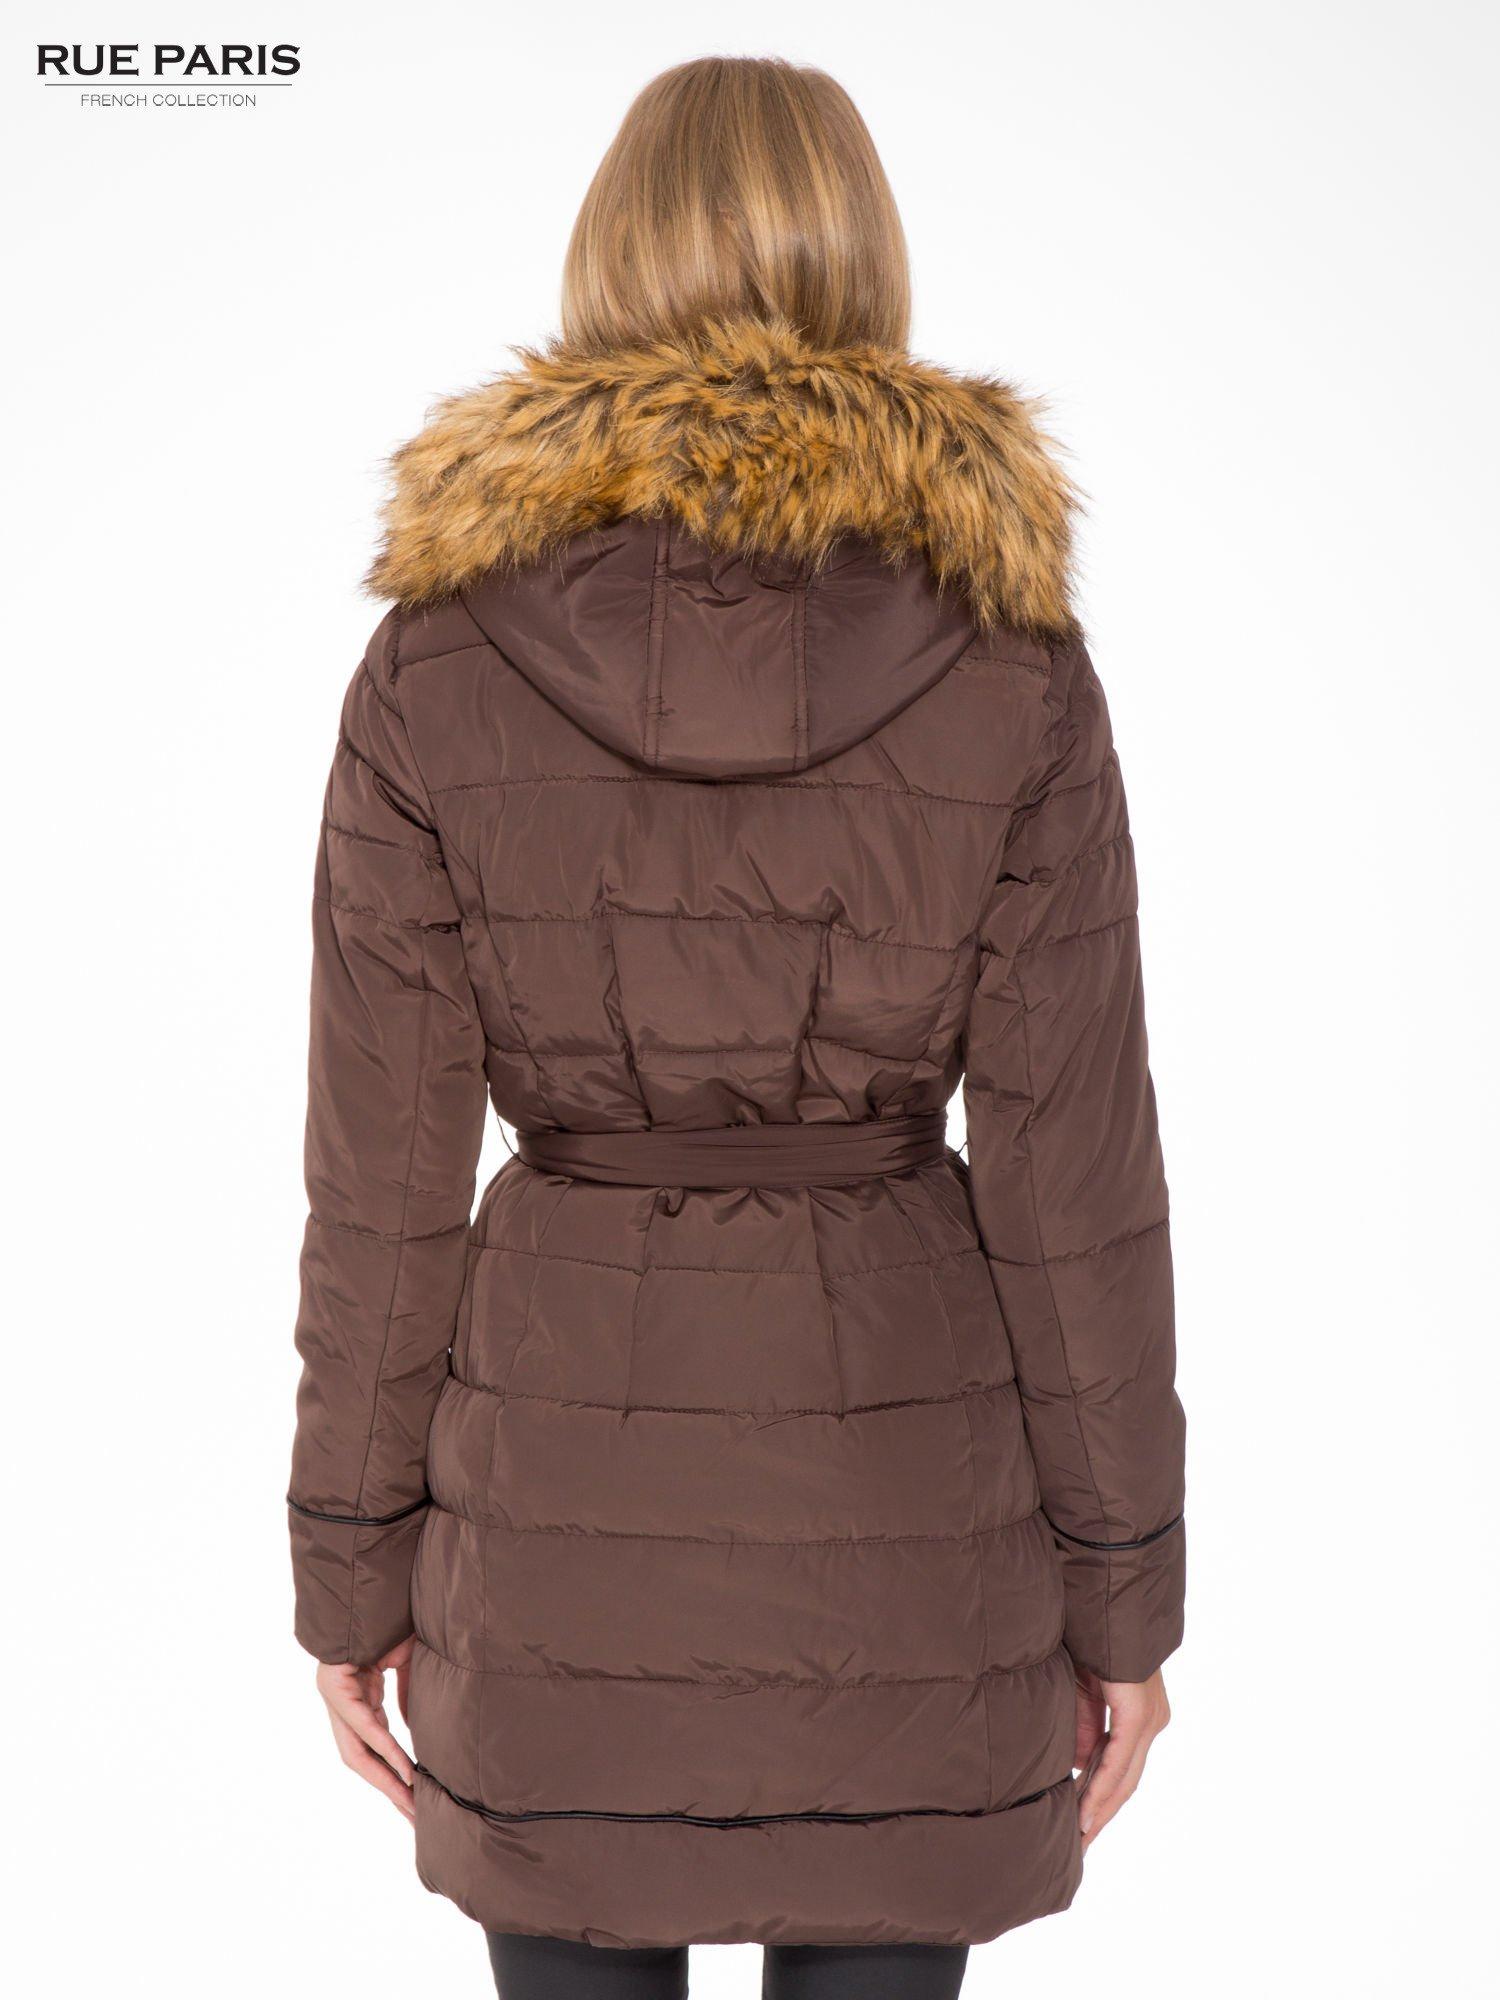 Brązowy taliowany płaszcz puchowy z kapturem z futerkiem                                  zdj.                                  4